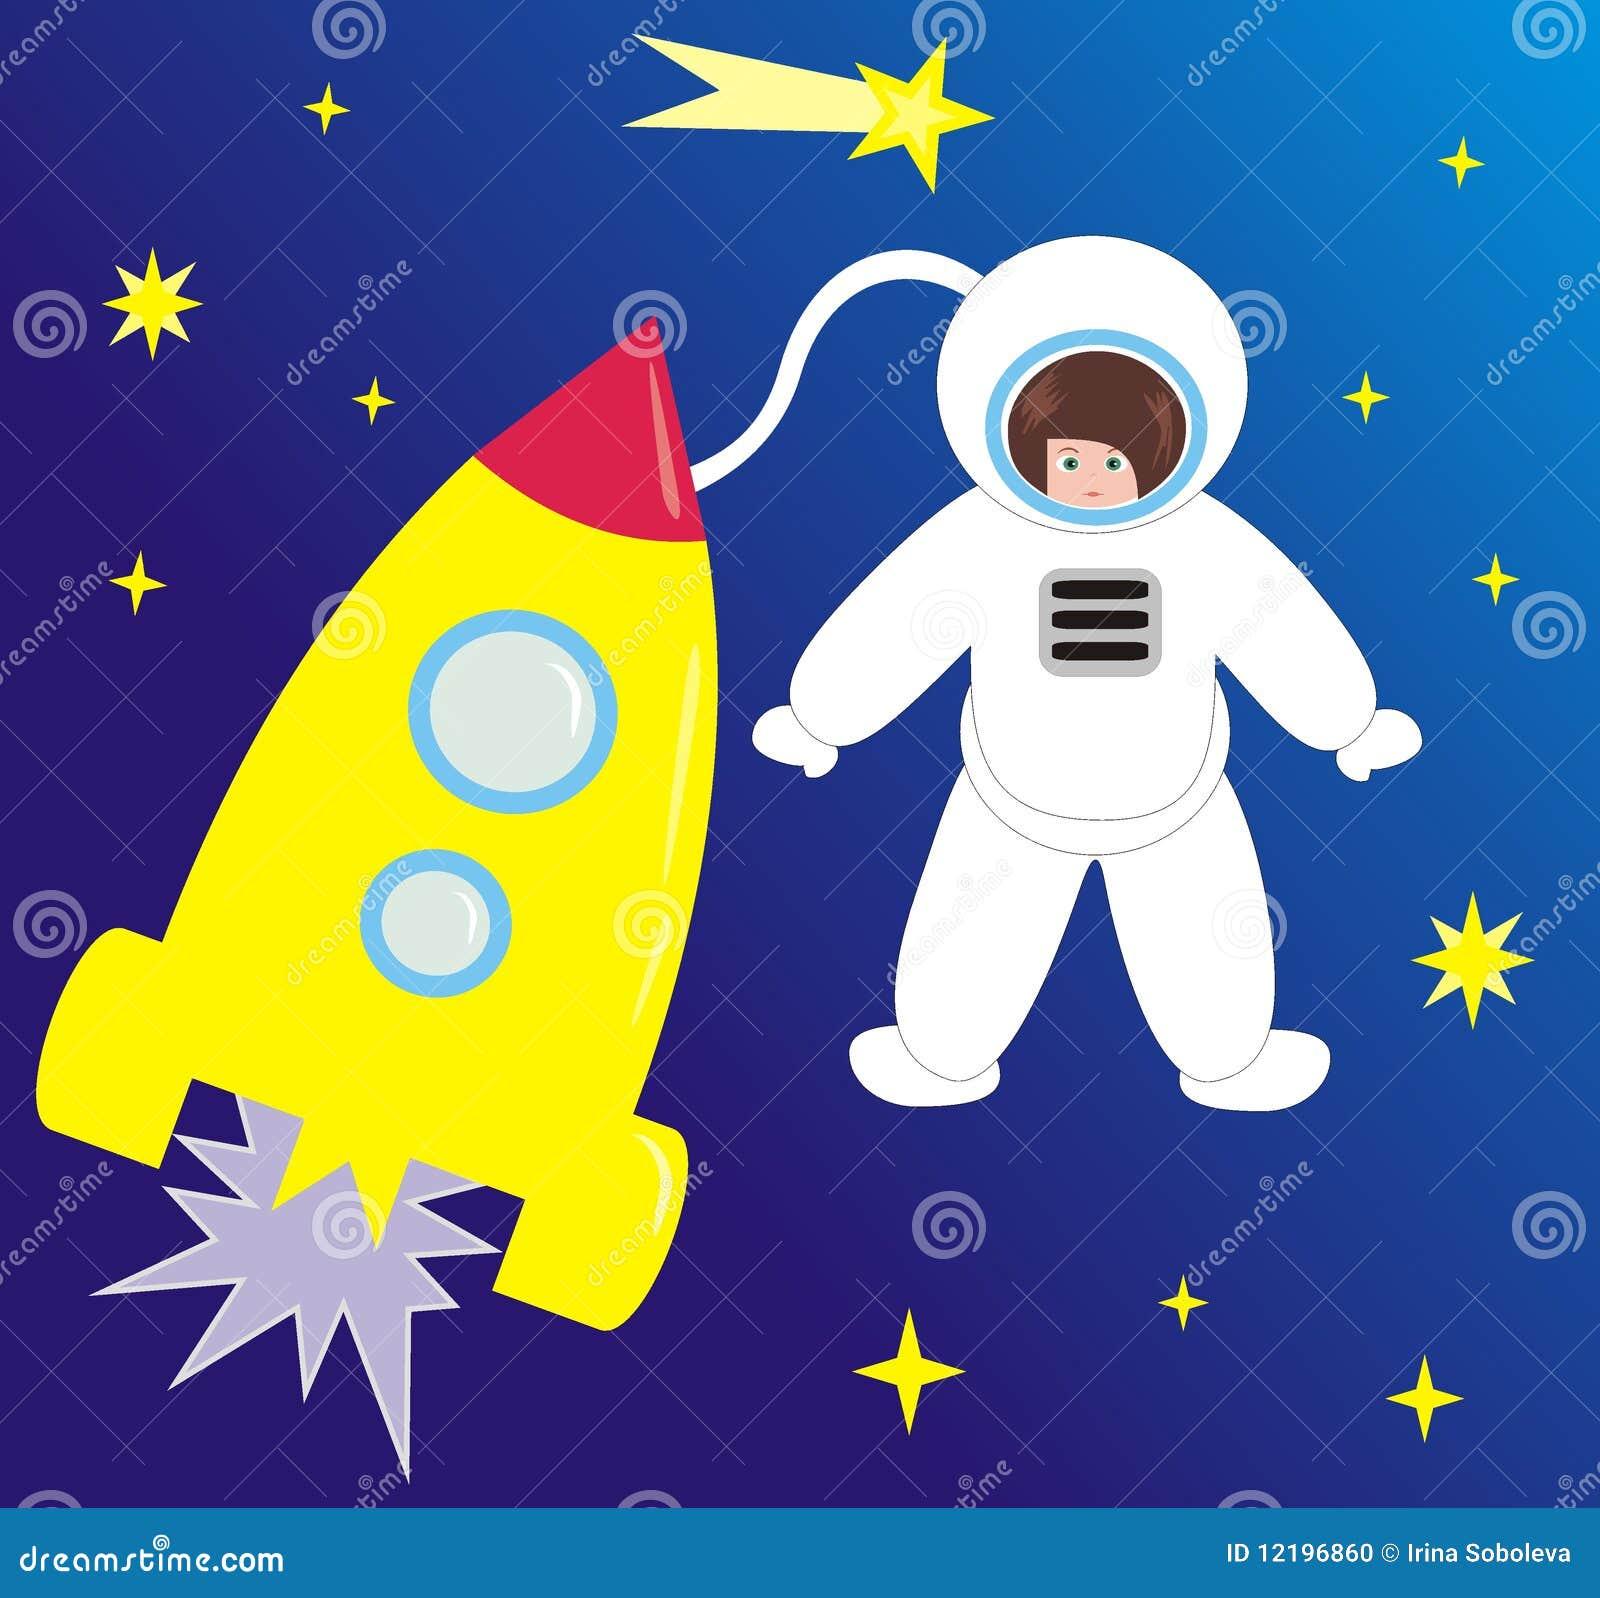 cohetes de astronauta - photo #13